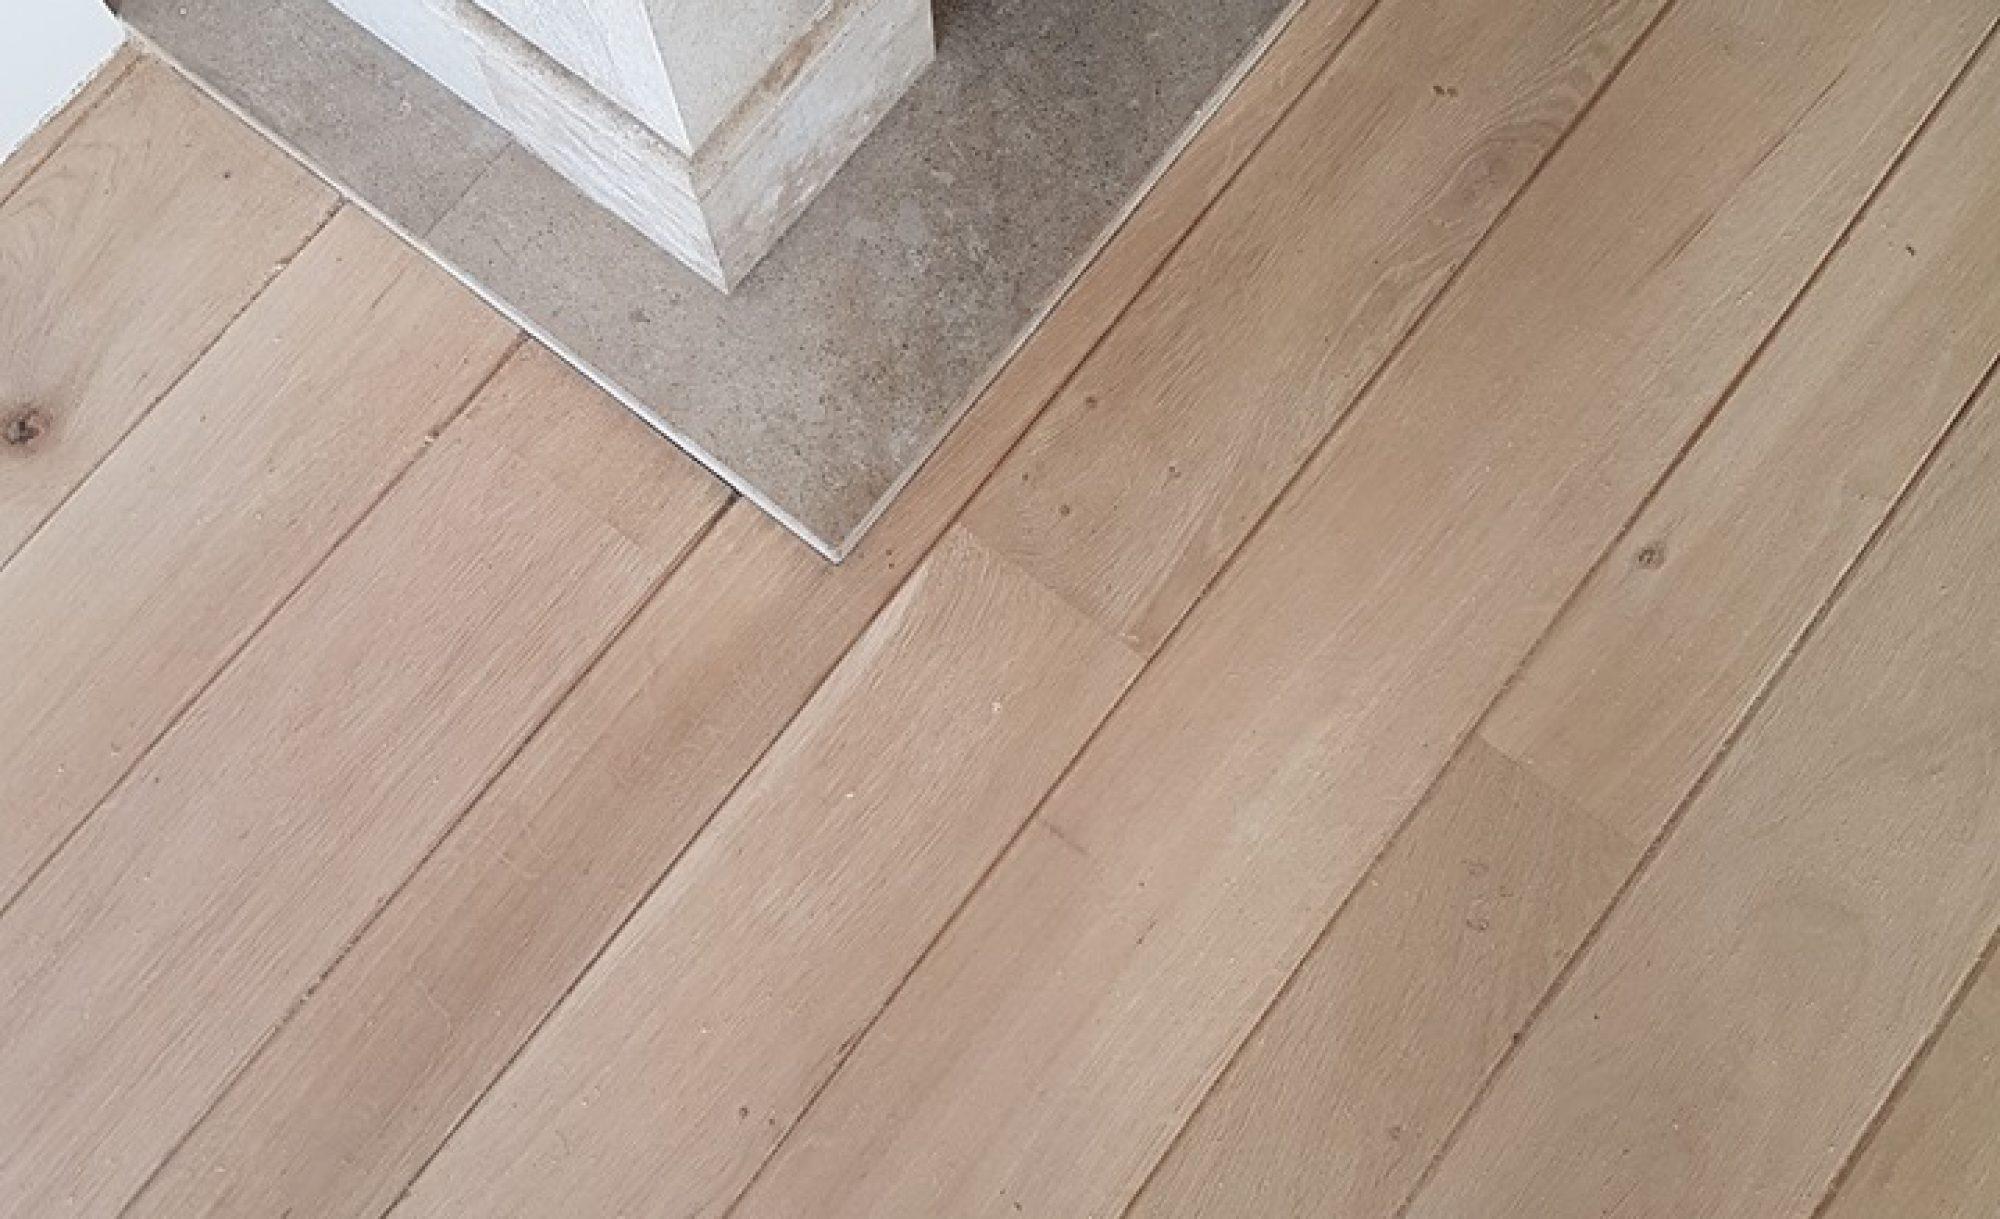 Eiken Vloer Beitsen : Parket schuren voor lage prijs houten vloer schuren